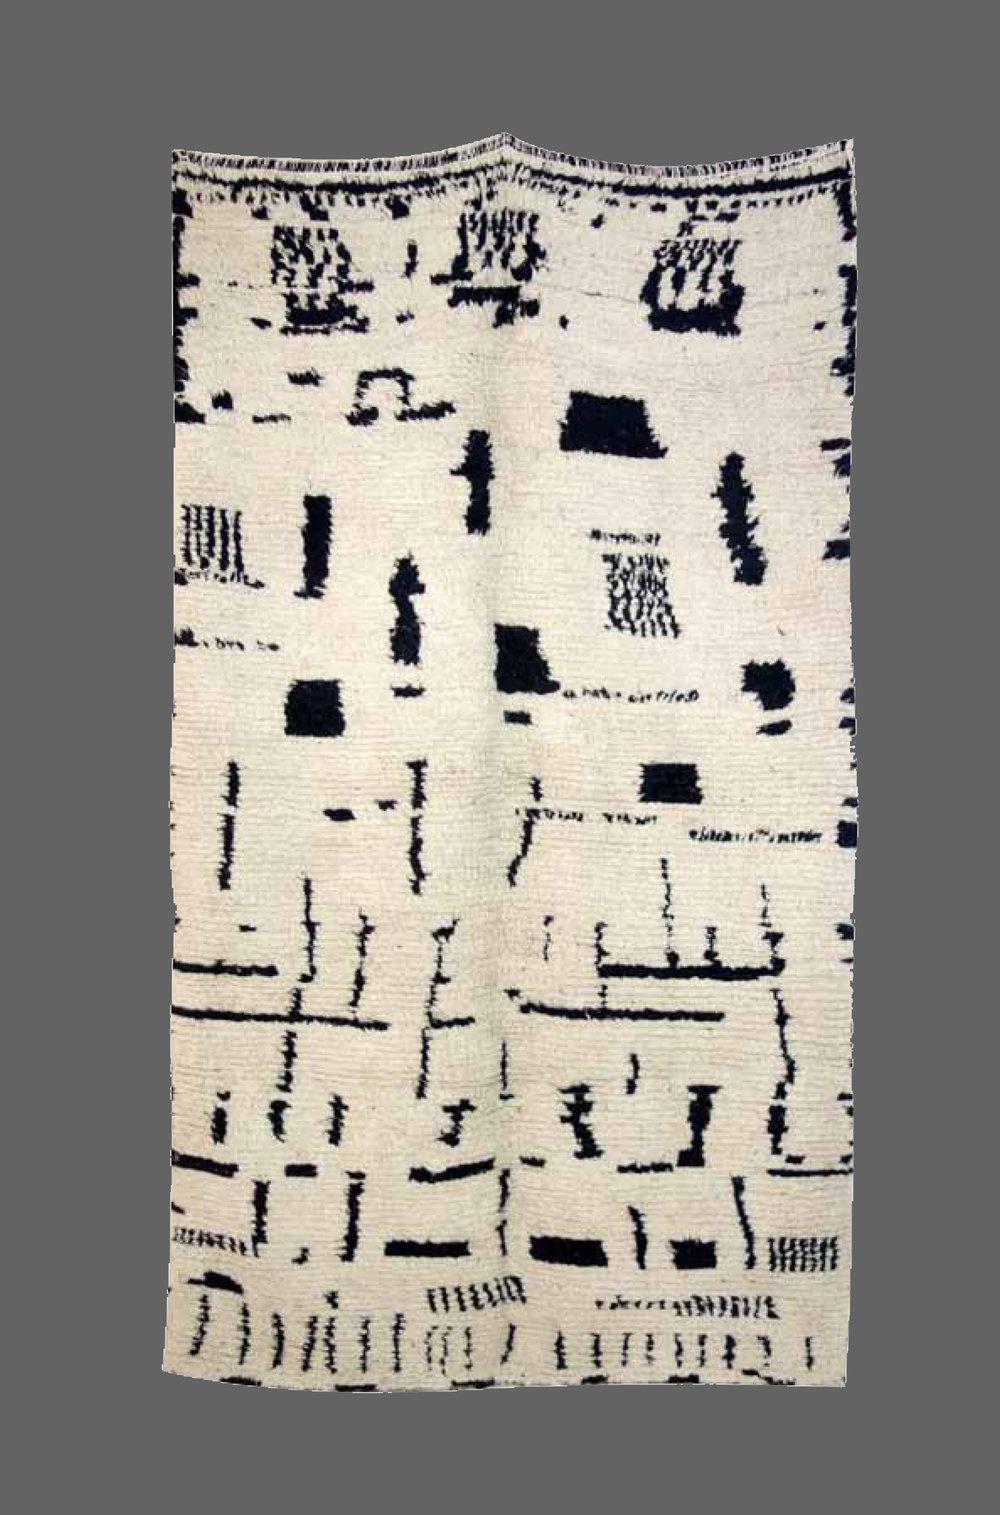 Ethnie : Azilal  Origine : Maroc , Haut Atlas  Année :1980  Dimensions : 2,17 x1,26  Technique : Noeuds noués, ras, blanc  Description : tapis au design très ethnique et original. pièce rare  Référence : AZL 003  Prix : 1100€